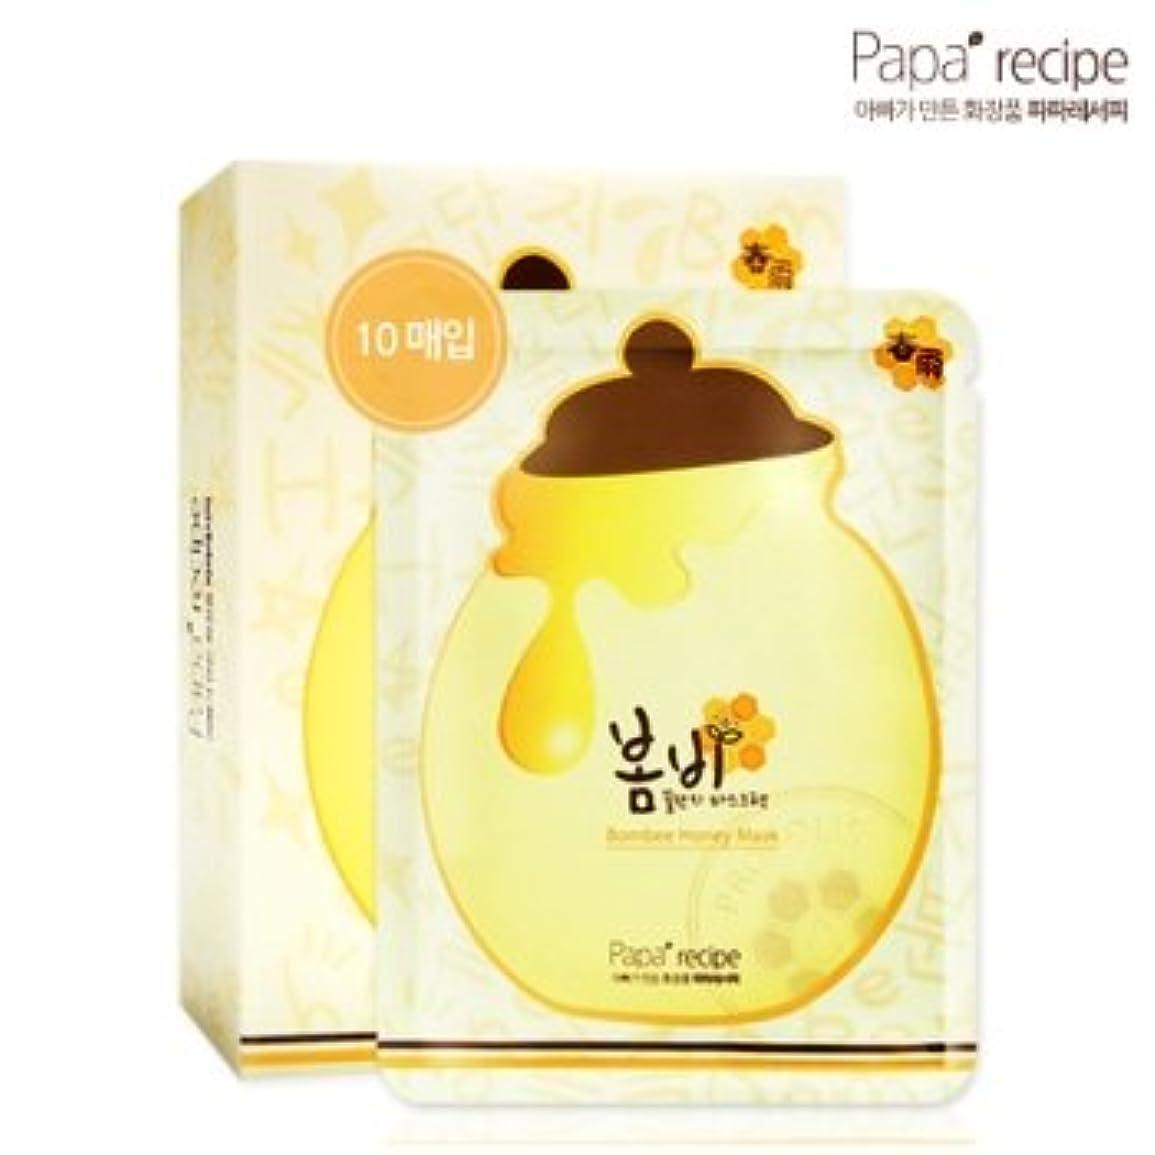 ルーチン自治的クラフトパパレシピ(Paparecipe) 春雨蜜ツボマスクシート10枚(Paparecipe Bombee Honey Mask Sheet 10ea)[並行輸入品]